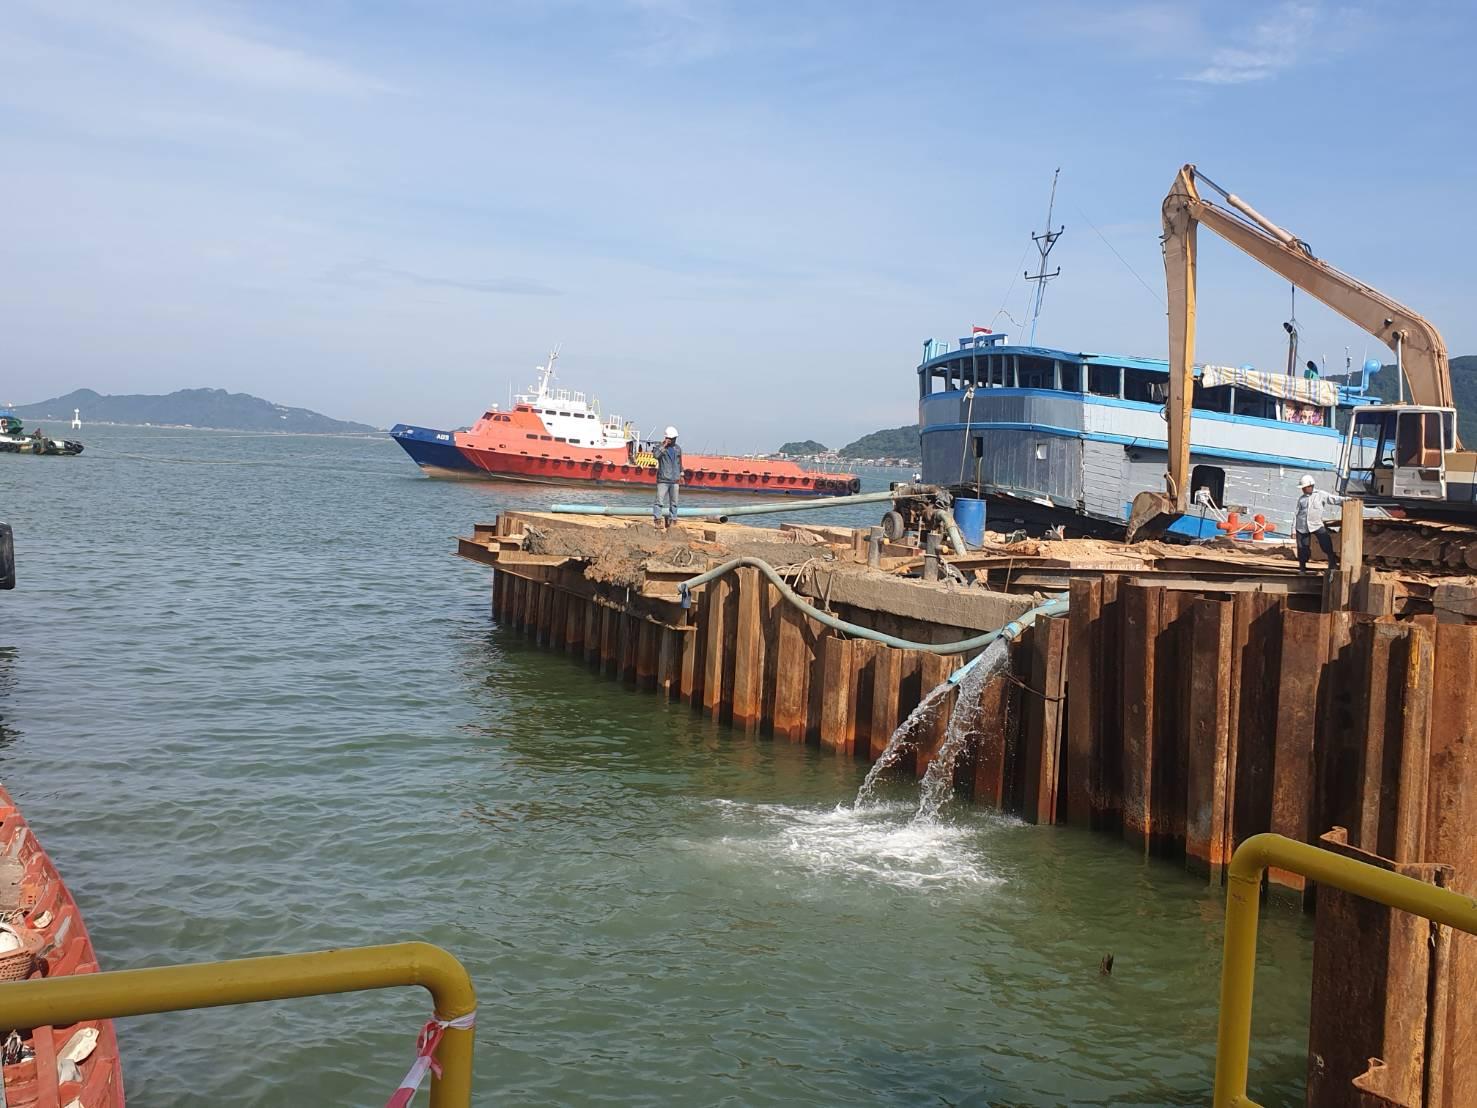 ปิดน้ำชั่วคราว ช่อมท่าขึ้นเรือ